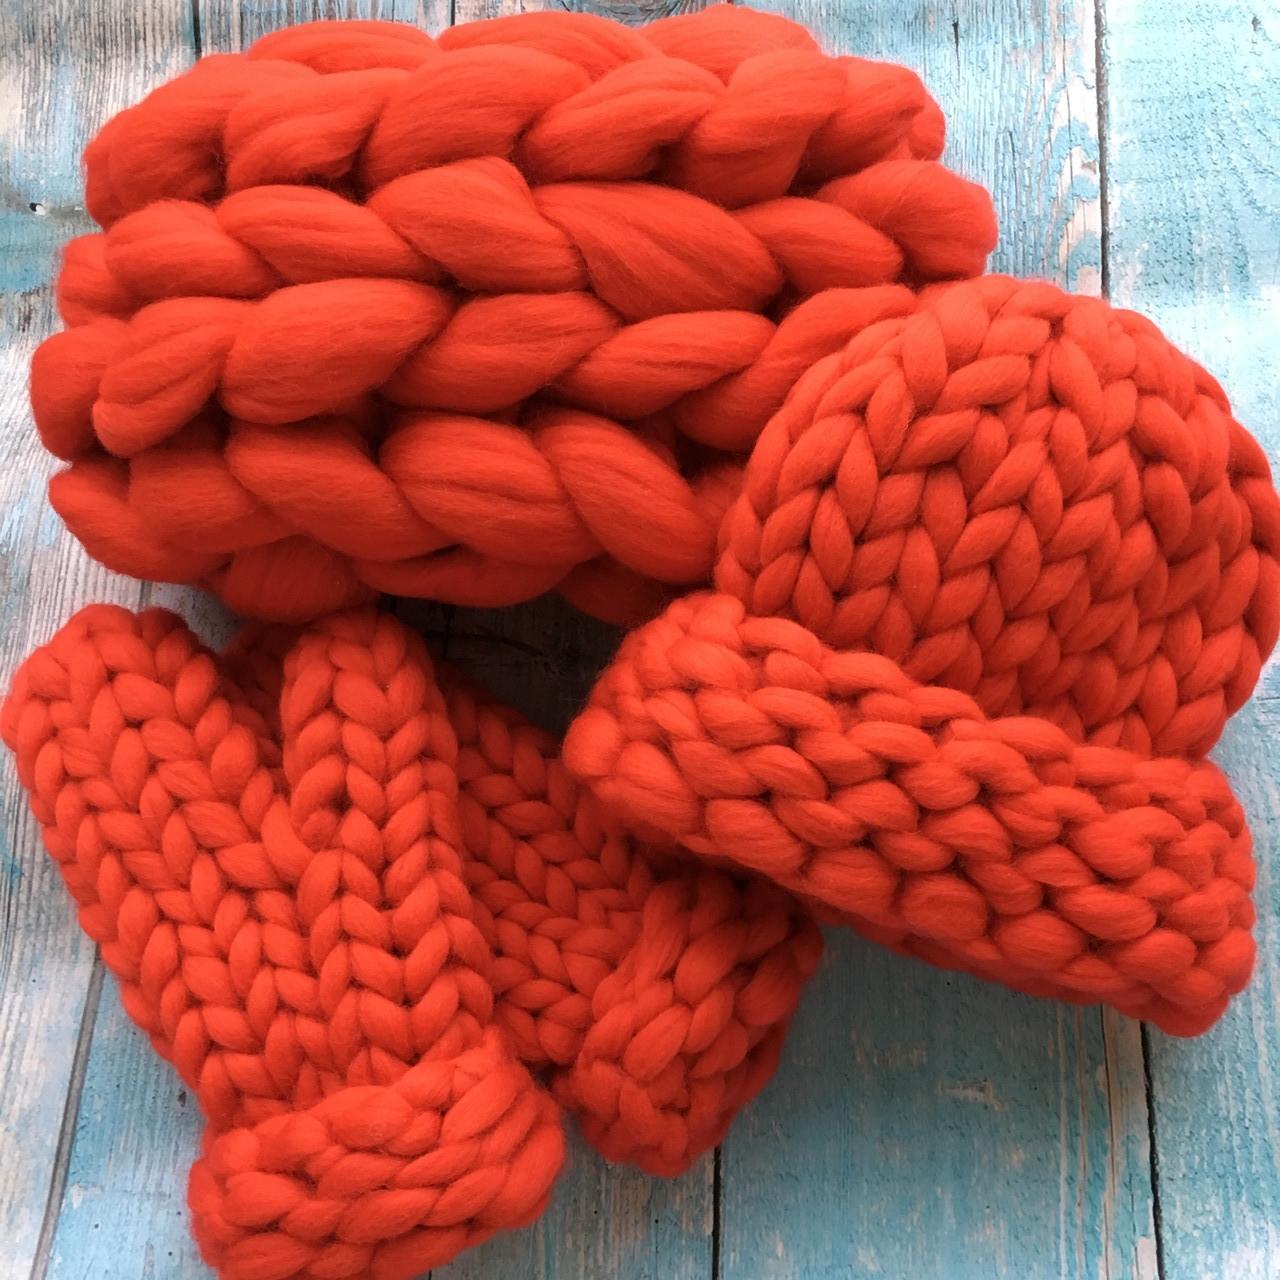 Комплект шапочка, снуд гигантской вязки и рукавички 100% шерсть мериноса (Огненно-красный), фото 1